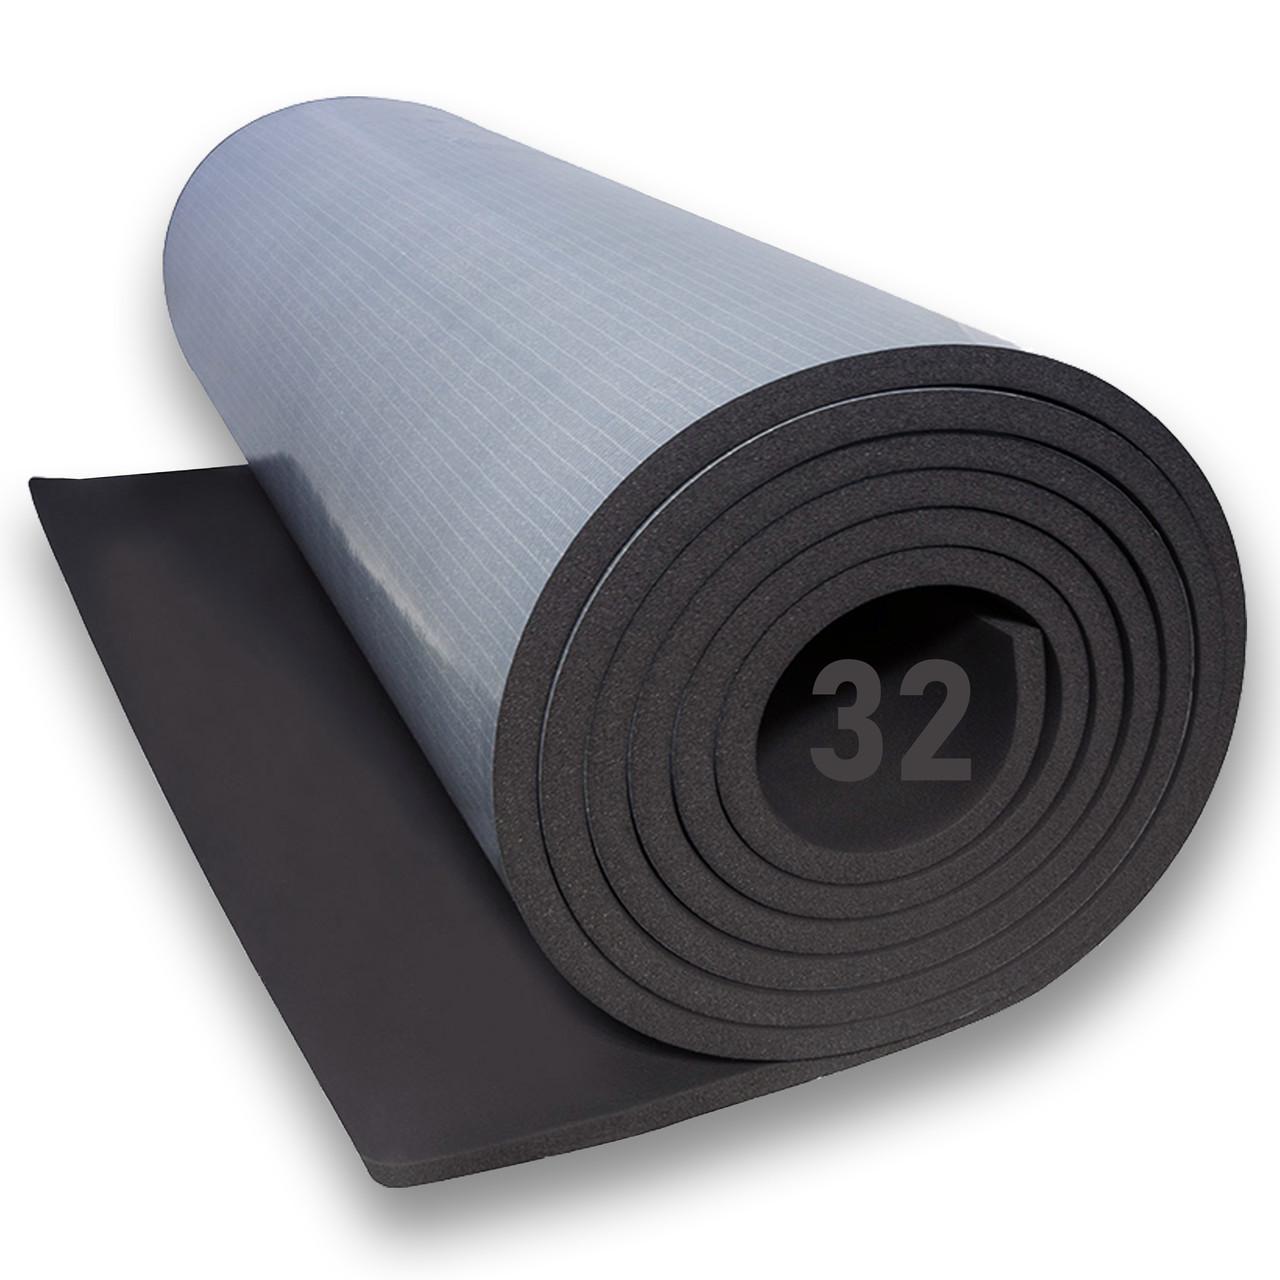 Вспененный каучук самоклеящийся 32 мм (синтетический)